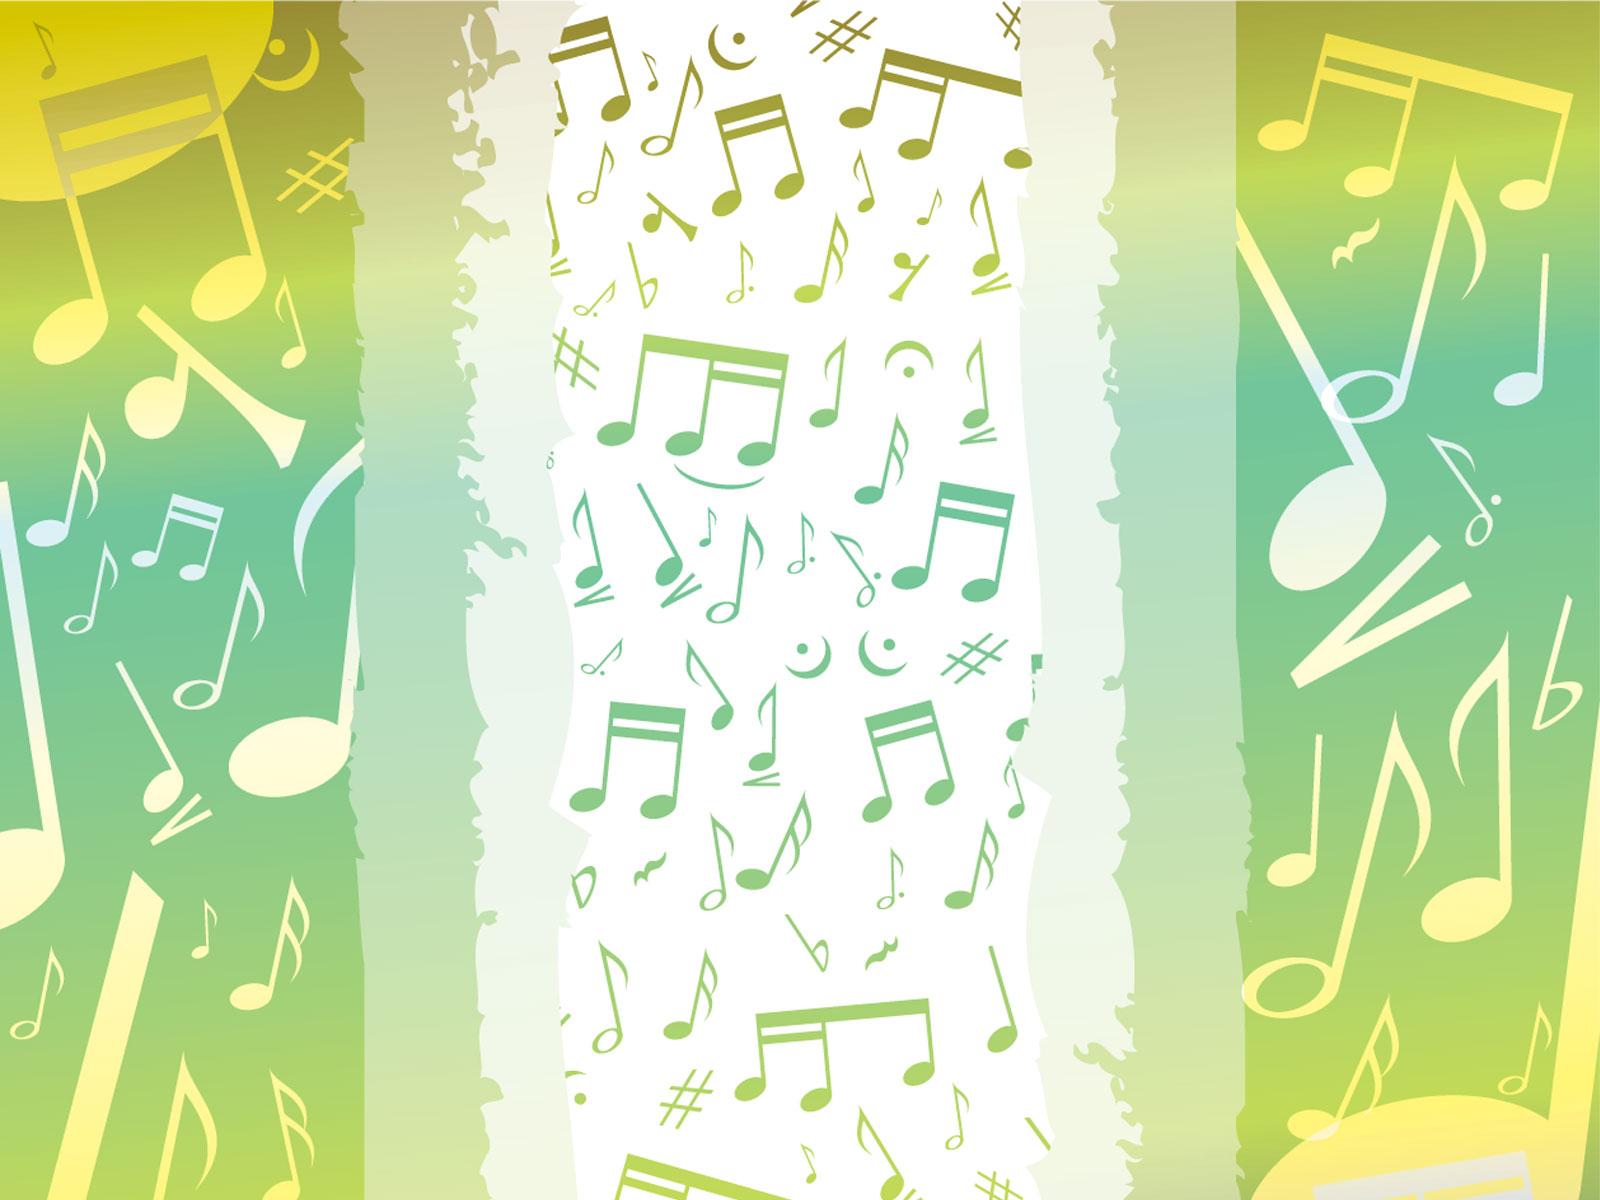 音符イラスト「ポップイメージ-黄緑2」- 無料のフリー素材